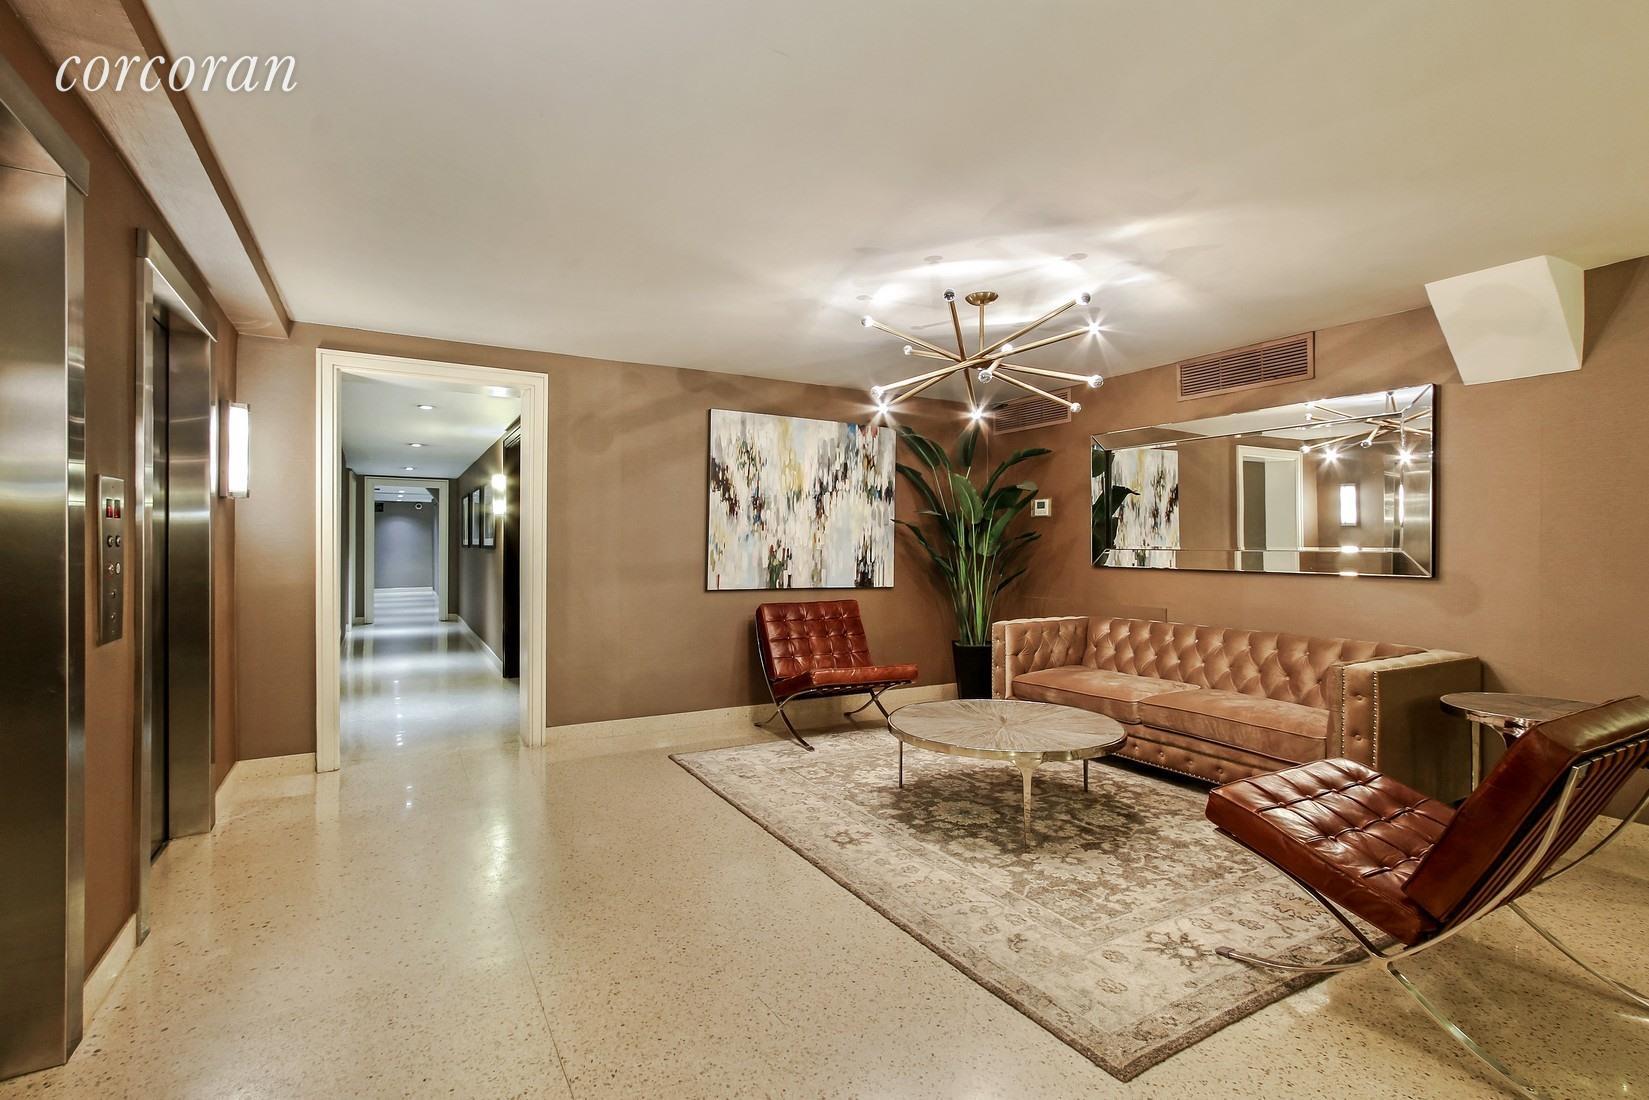 corcoran 215 east 80th street apt 2h upper east side. Black Bedroom Furniture Sets. Home Design Ideas